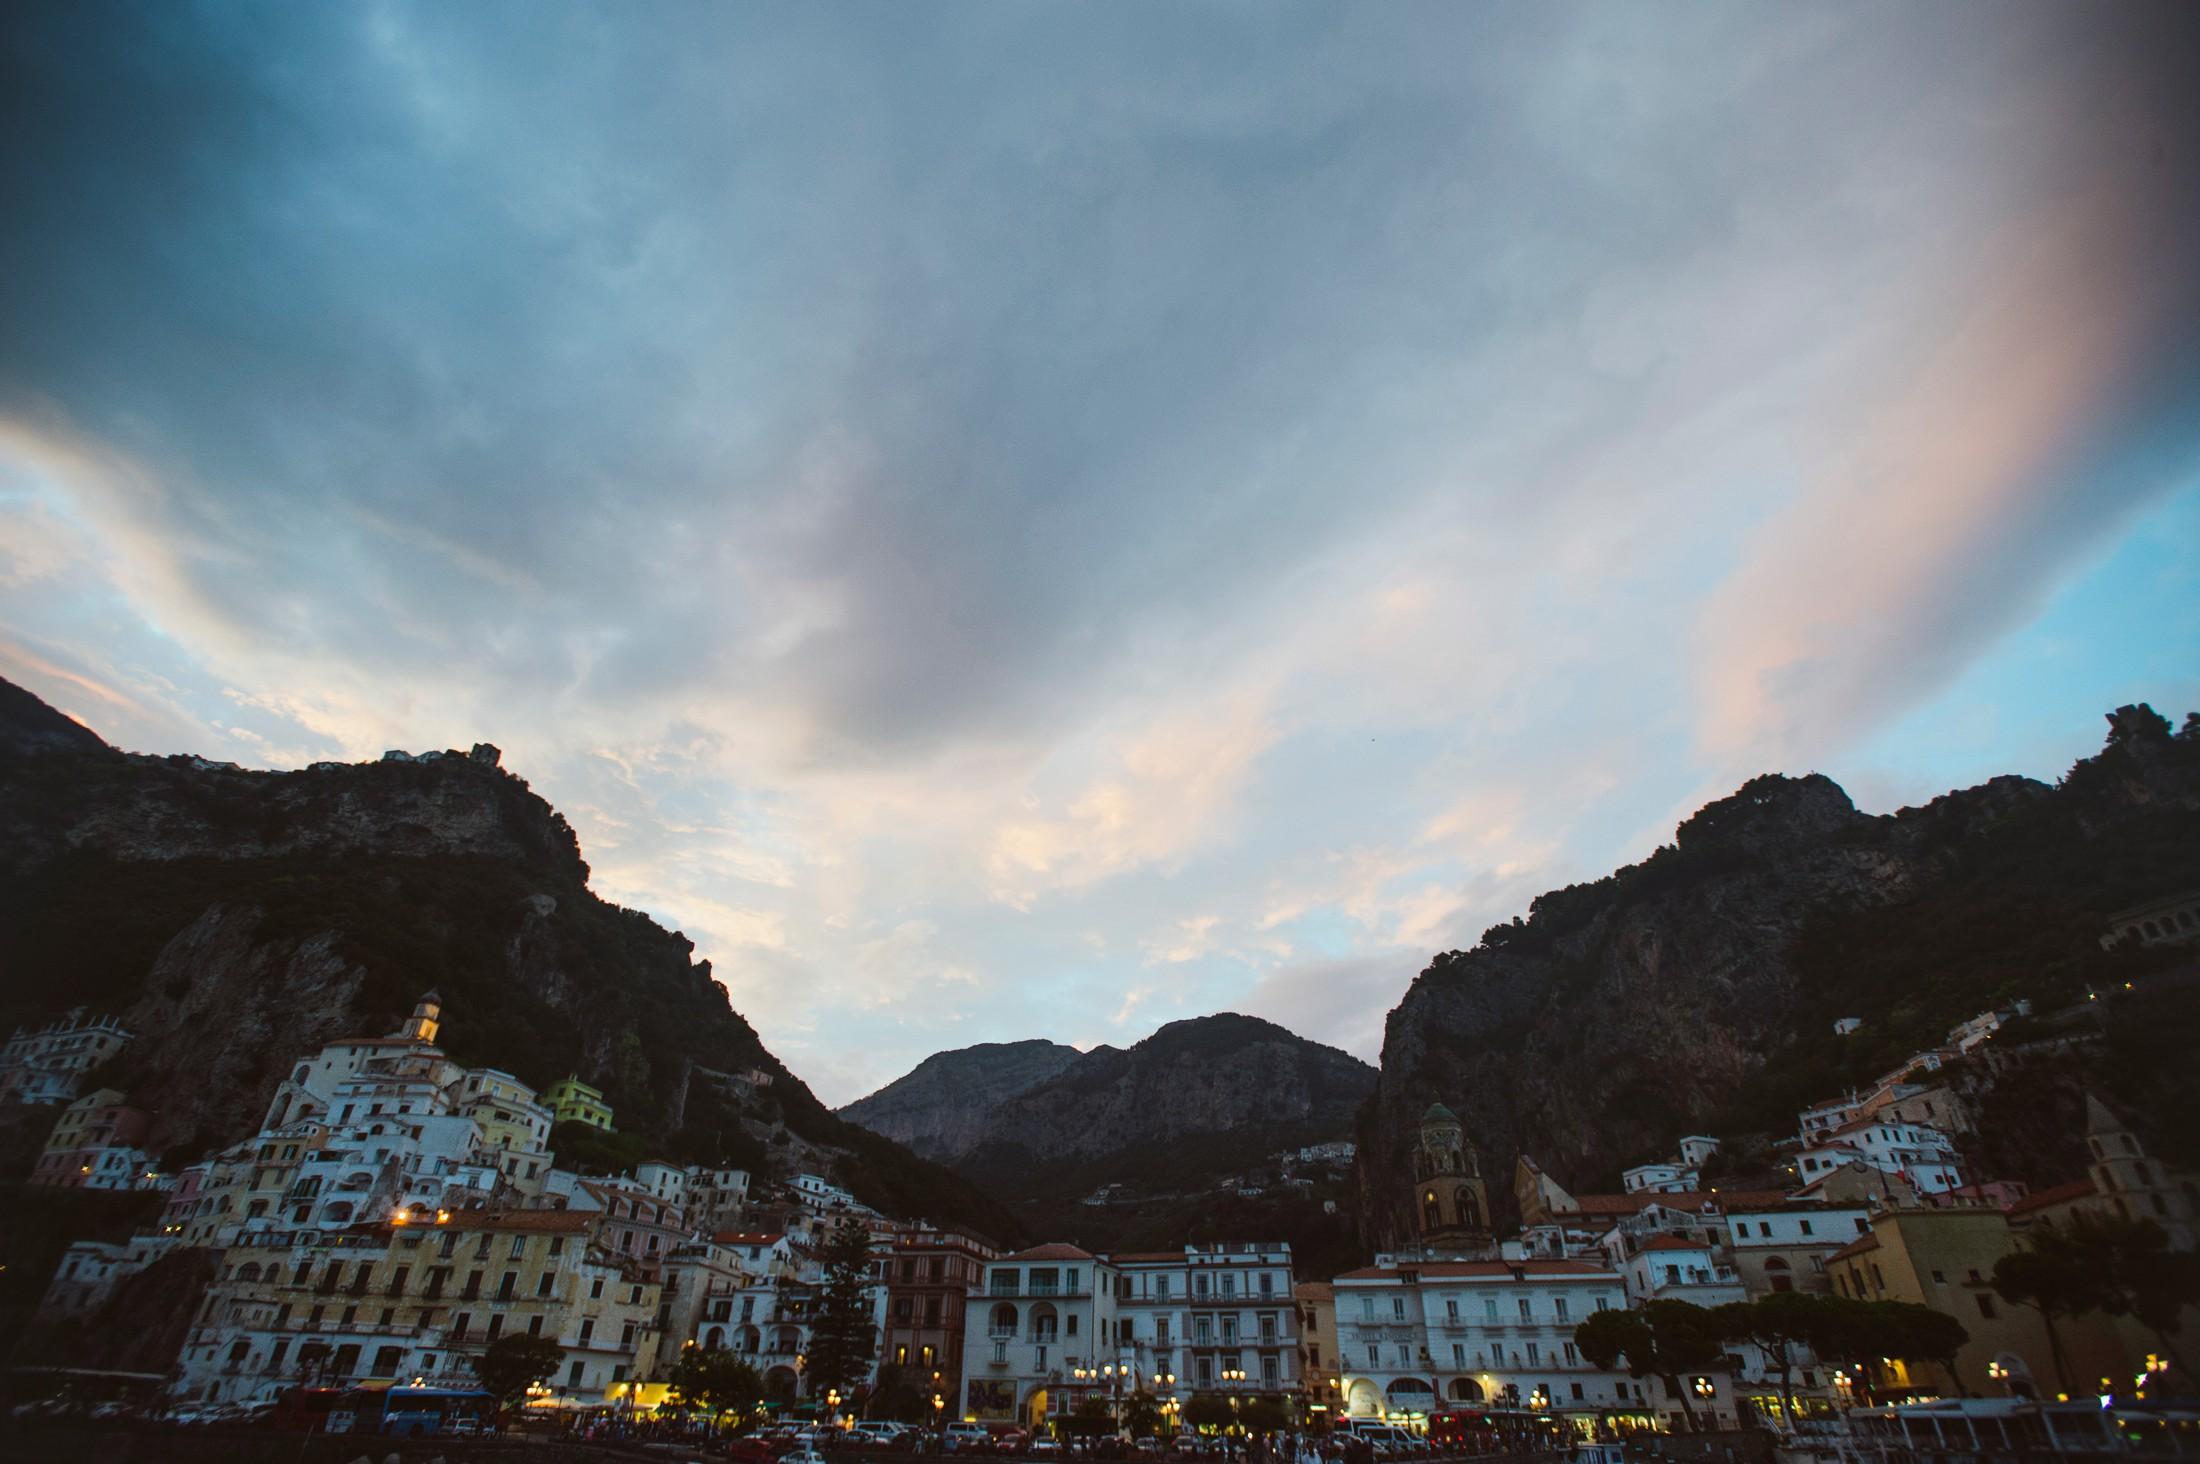 wedding on the amalfi coast amalfi landscape at sunset